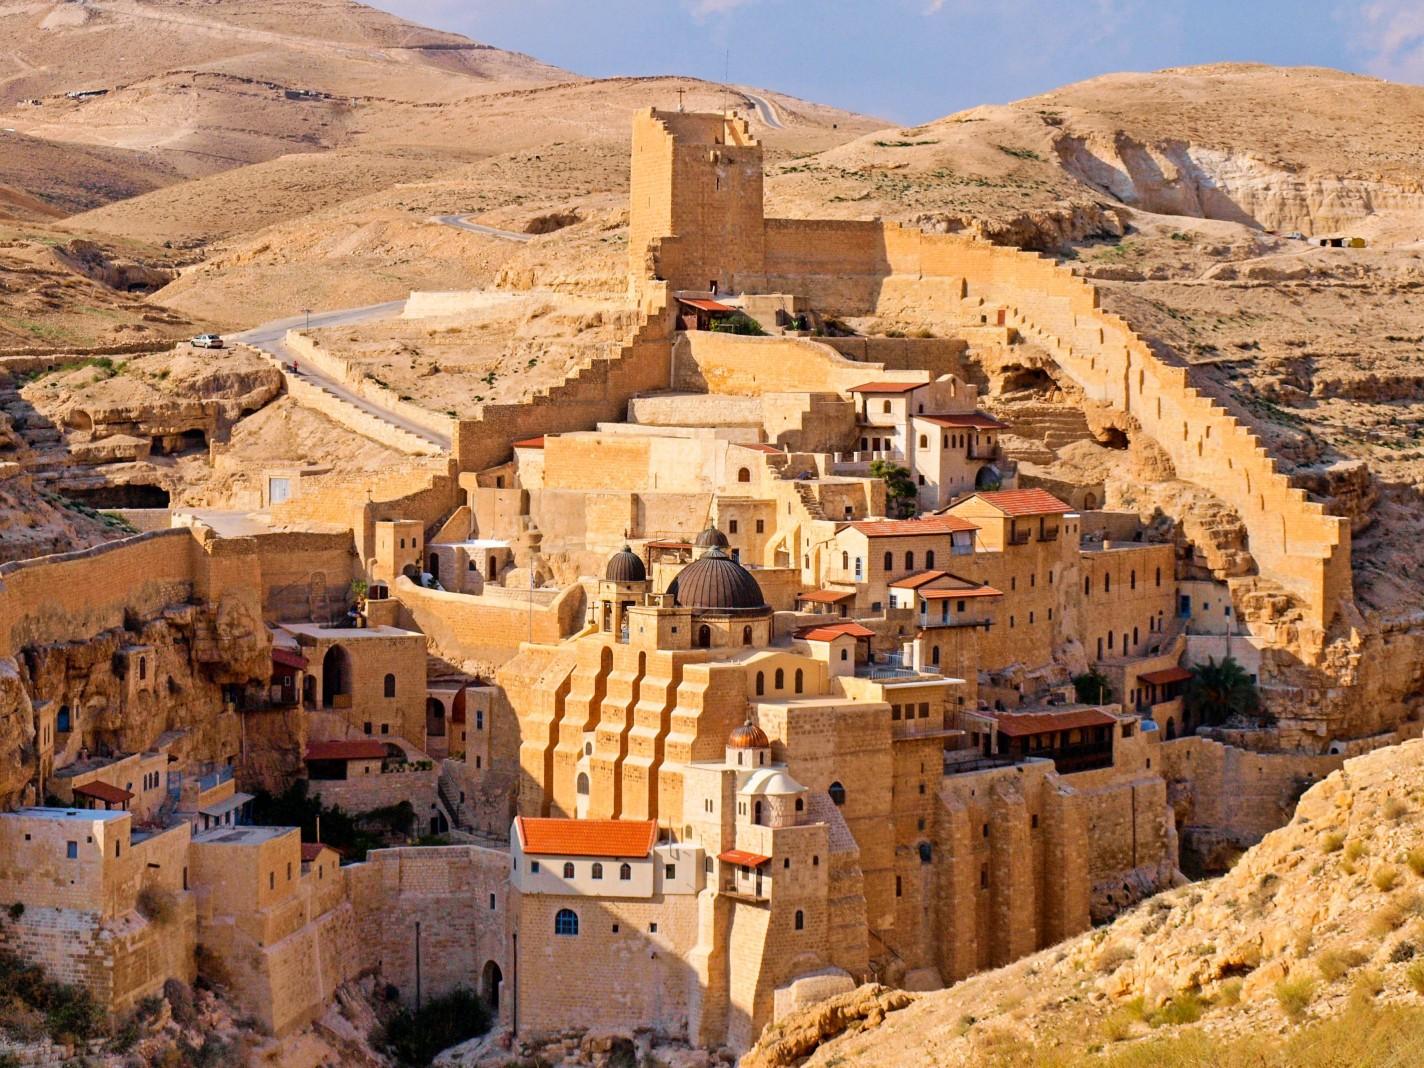 Izrael ciekawe miejsca i najwieksze atrakcje (1)